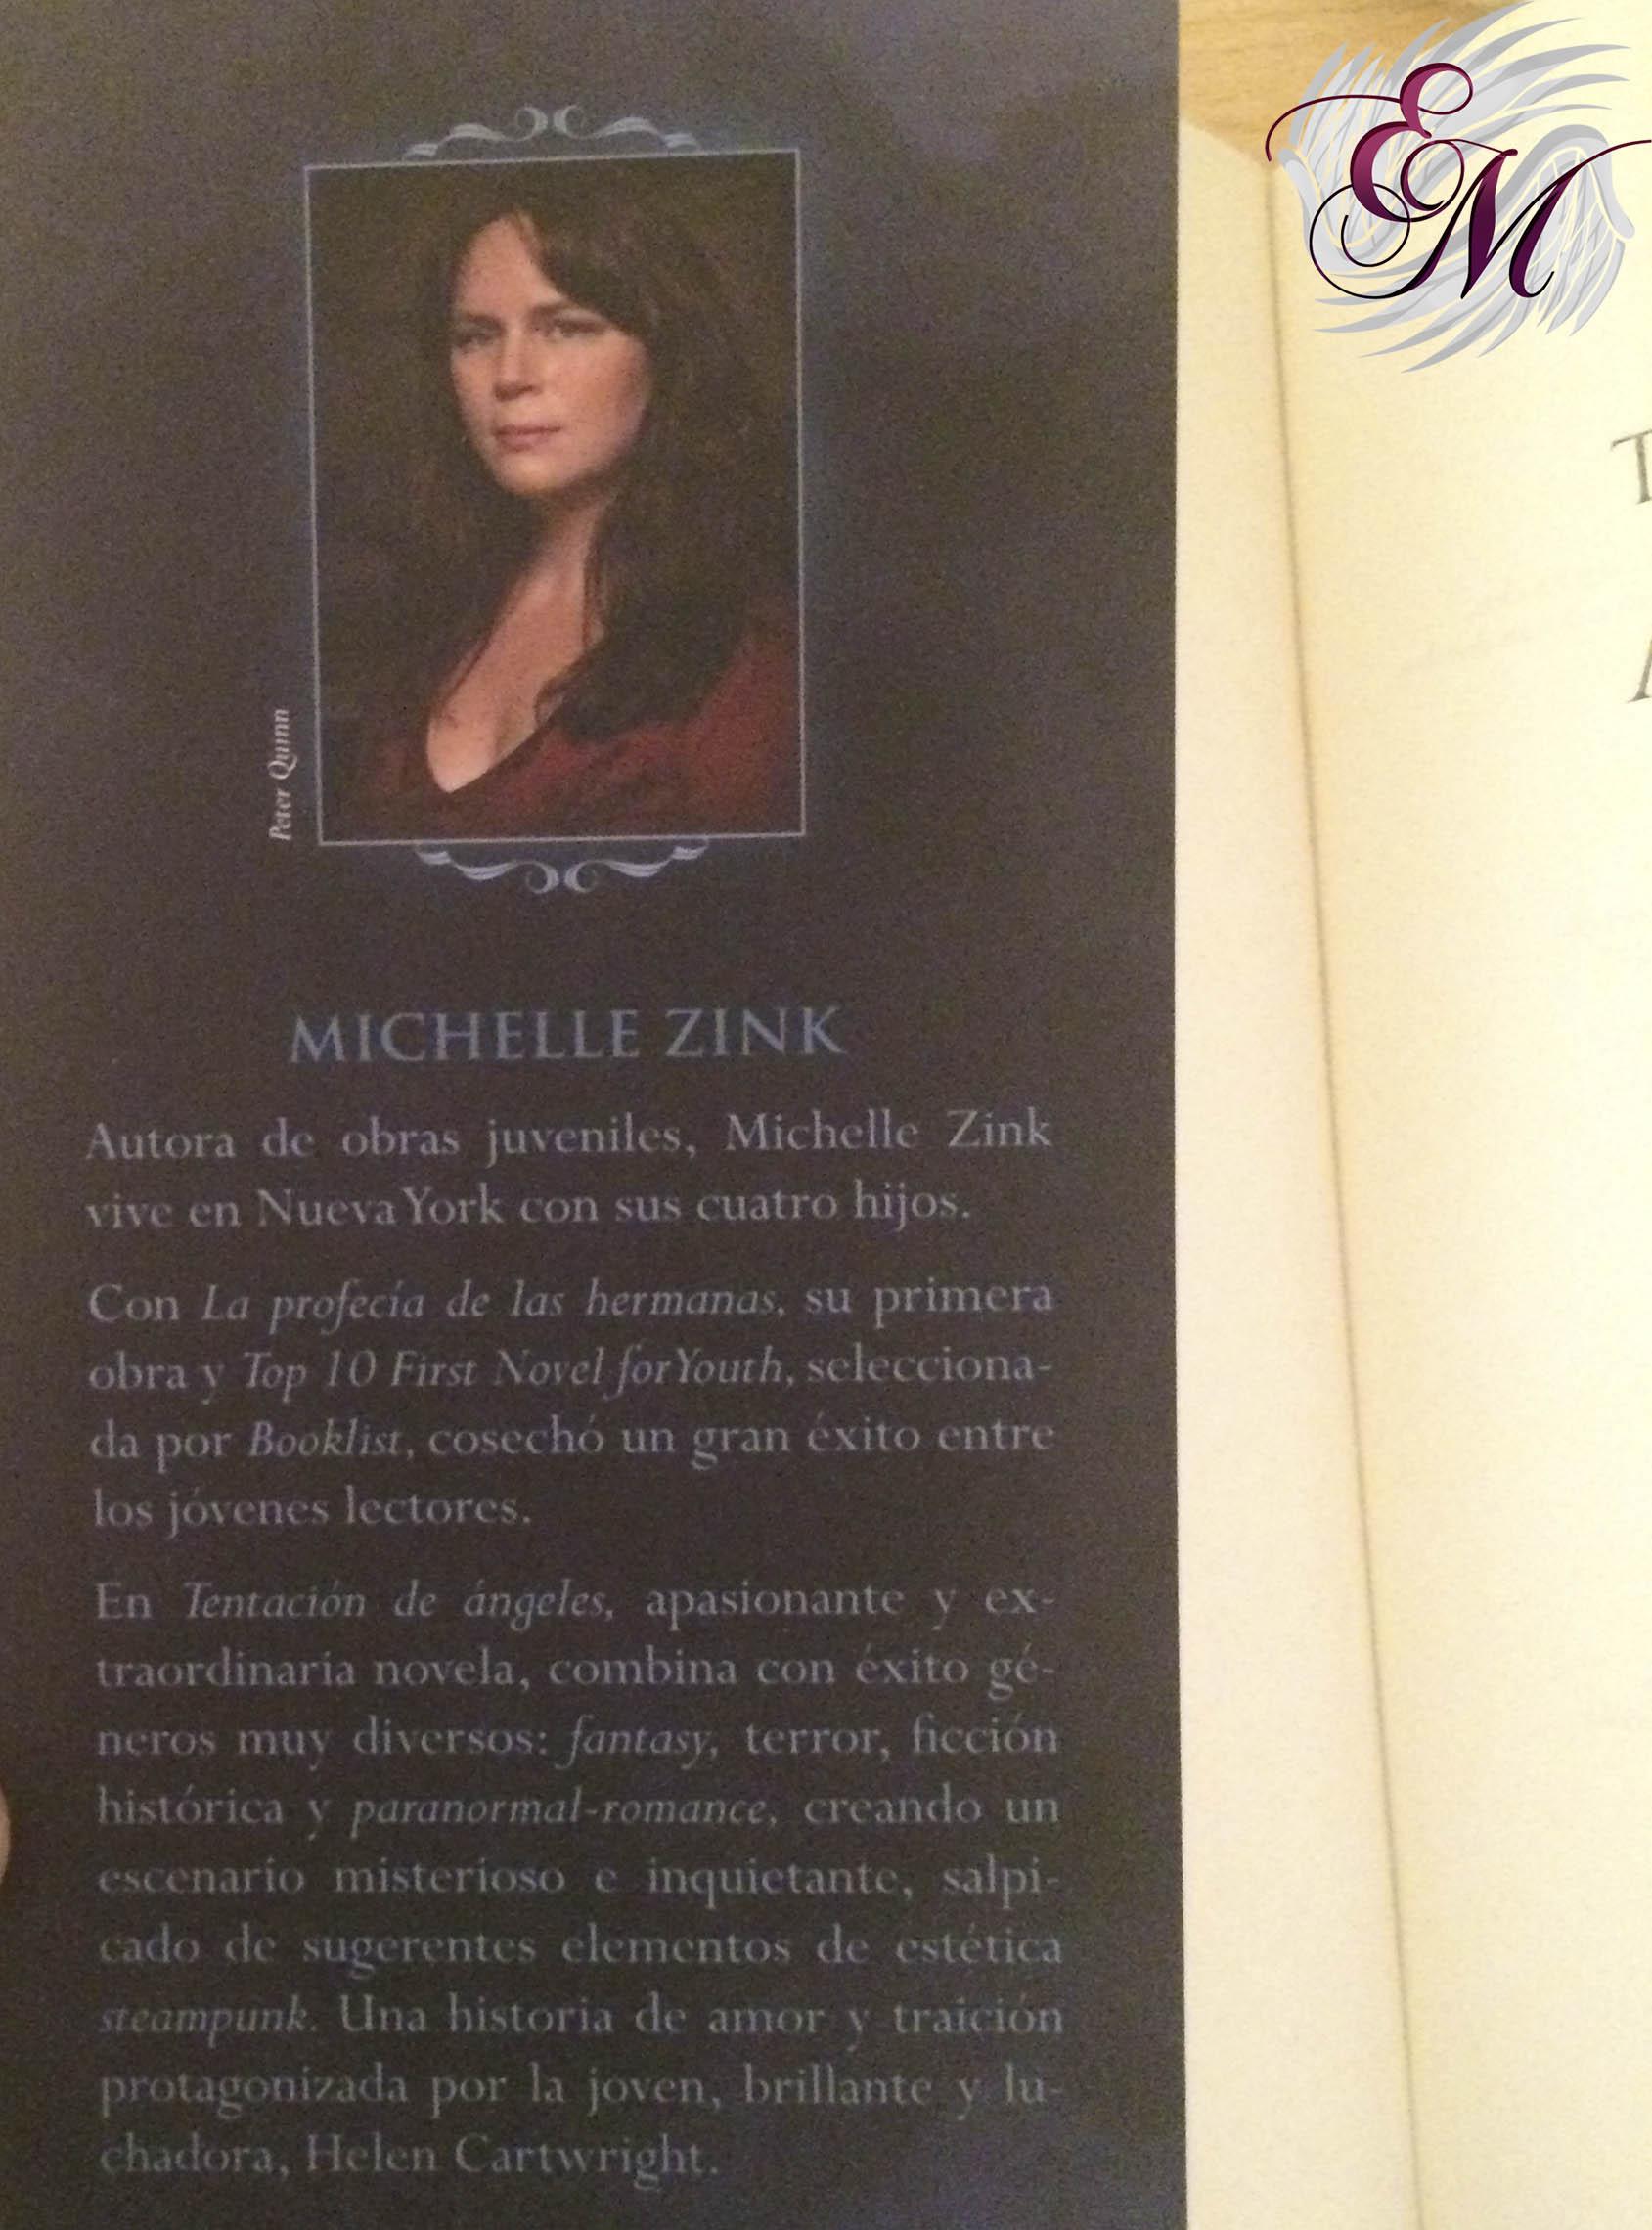 Tentación de ángeles, de Michelle Zink - Reseña